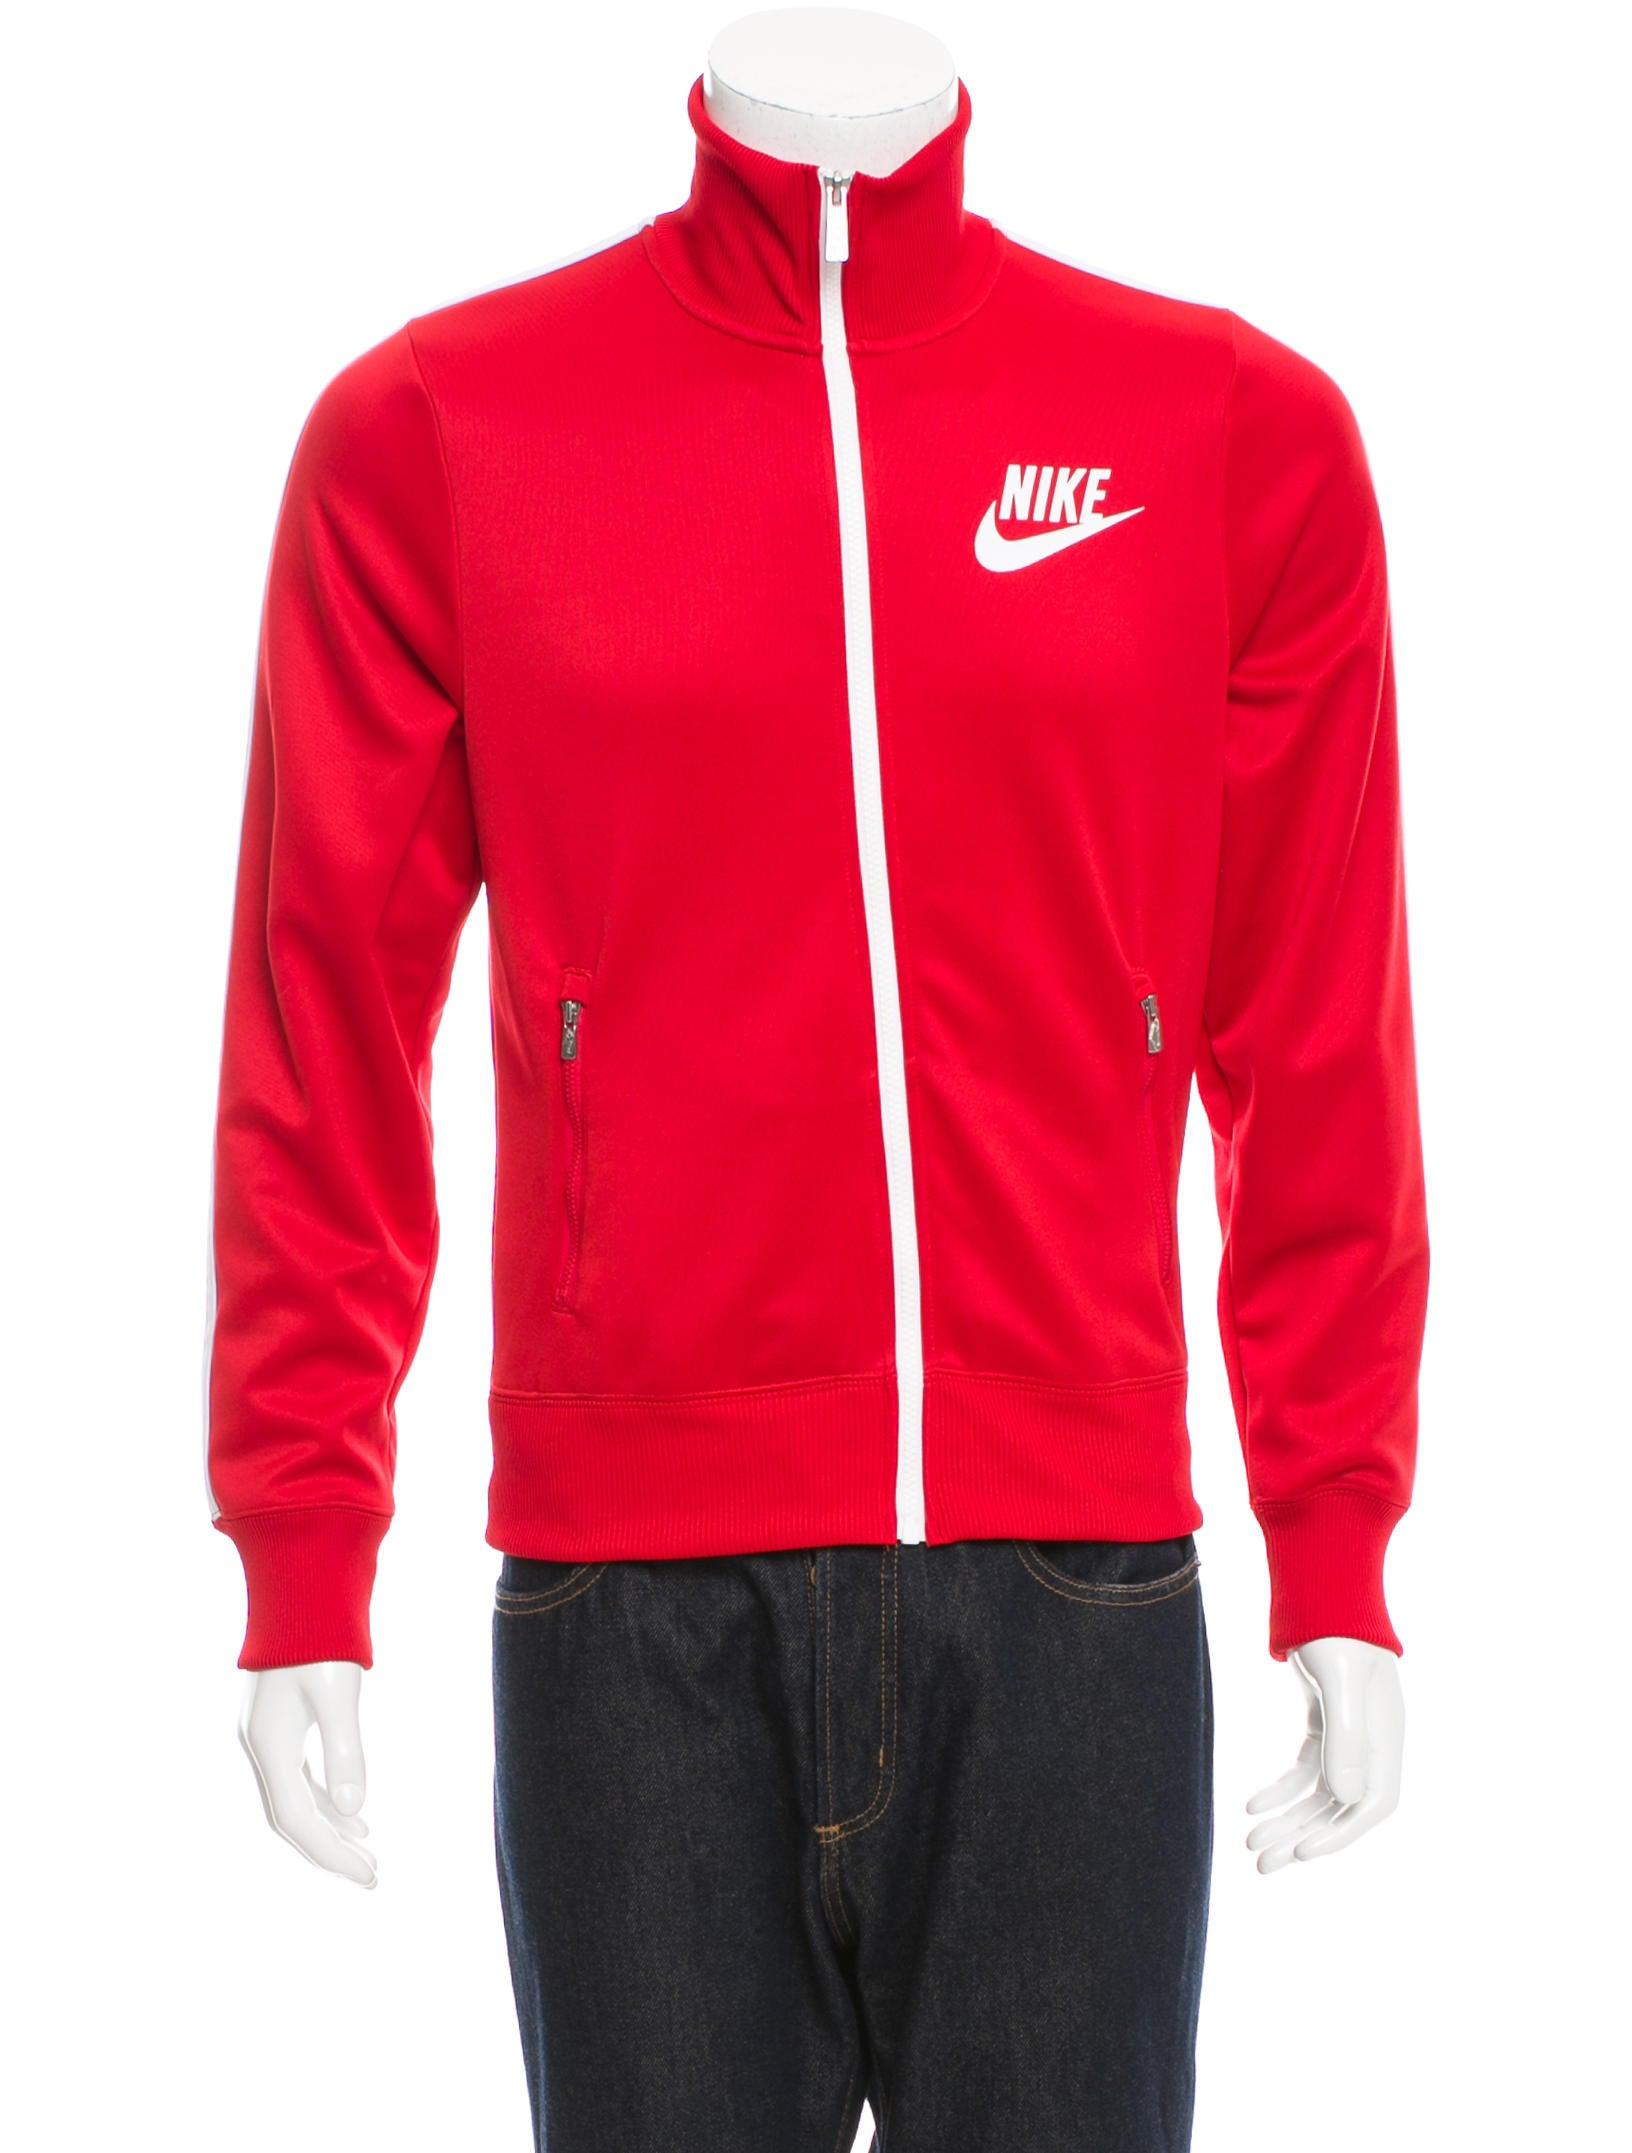 Nike Logo Track Jacket - Clothing - WU221026 | The RealReal